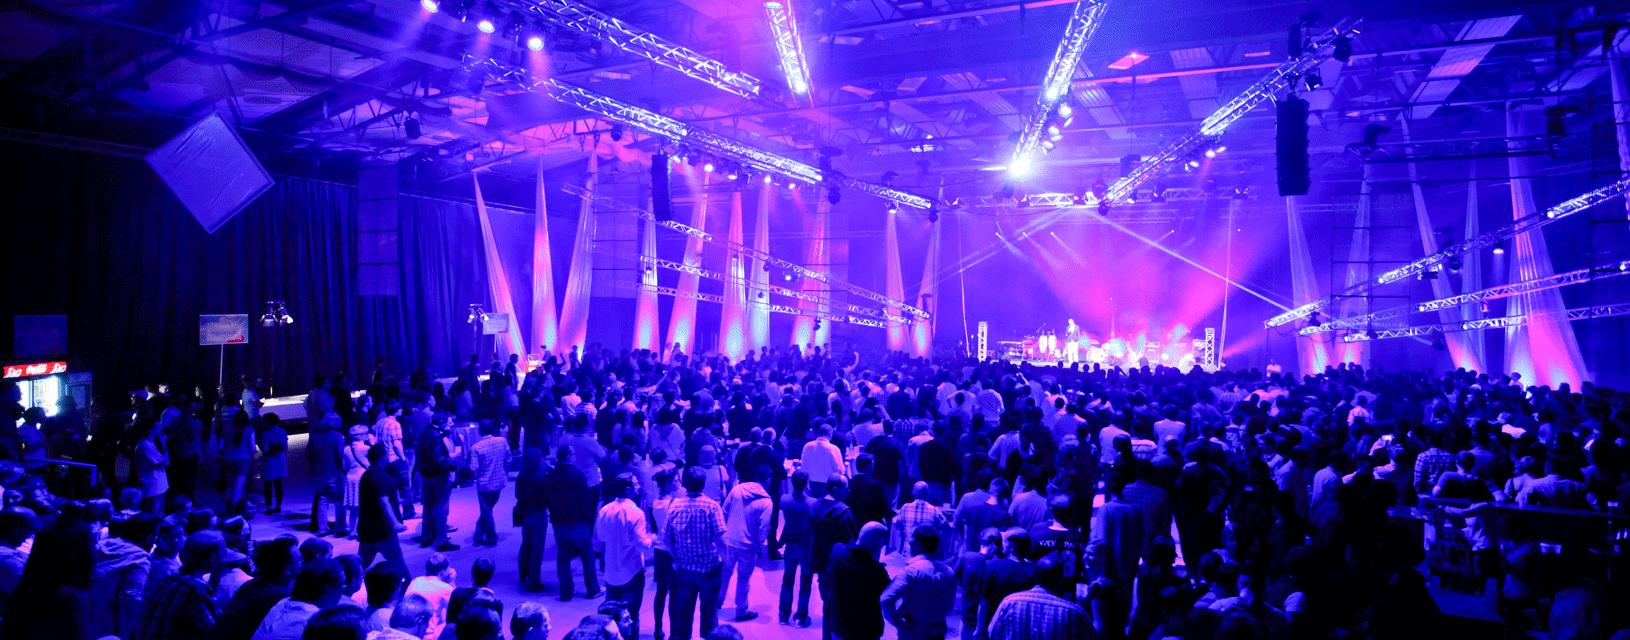 event-agentur-koeln-event